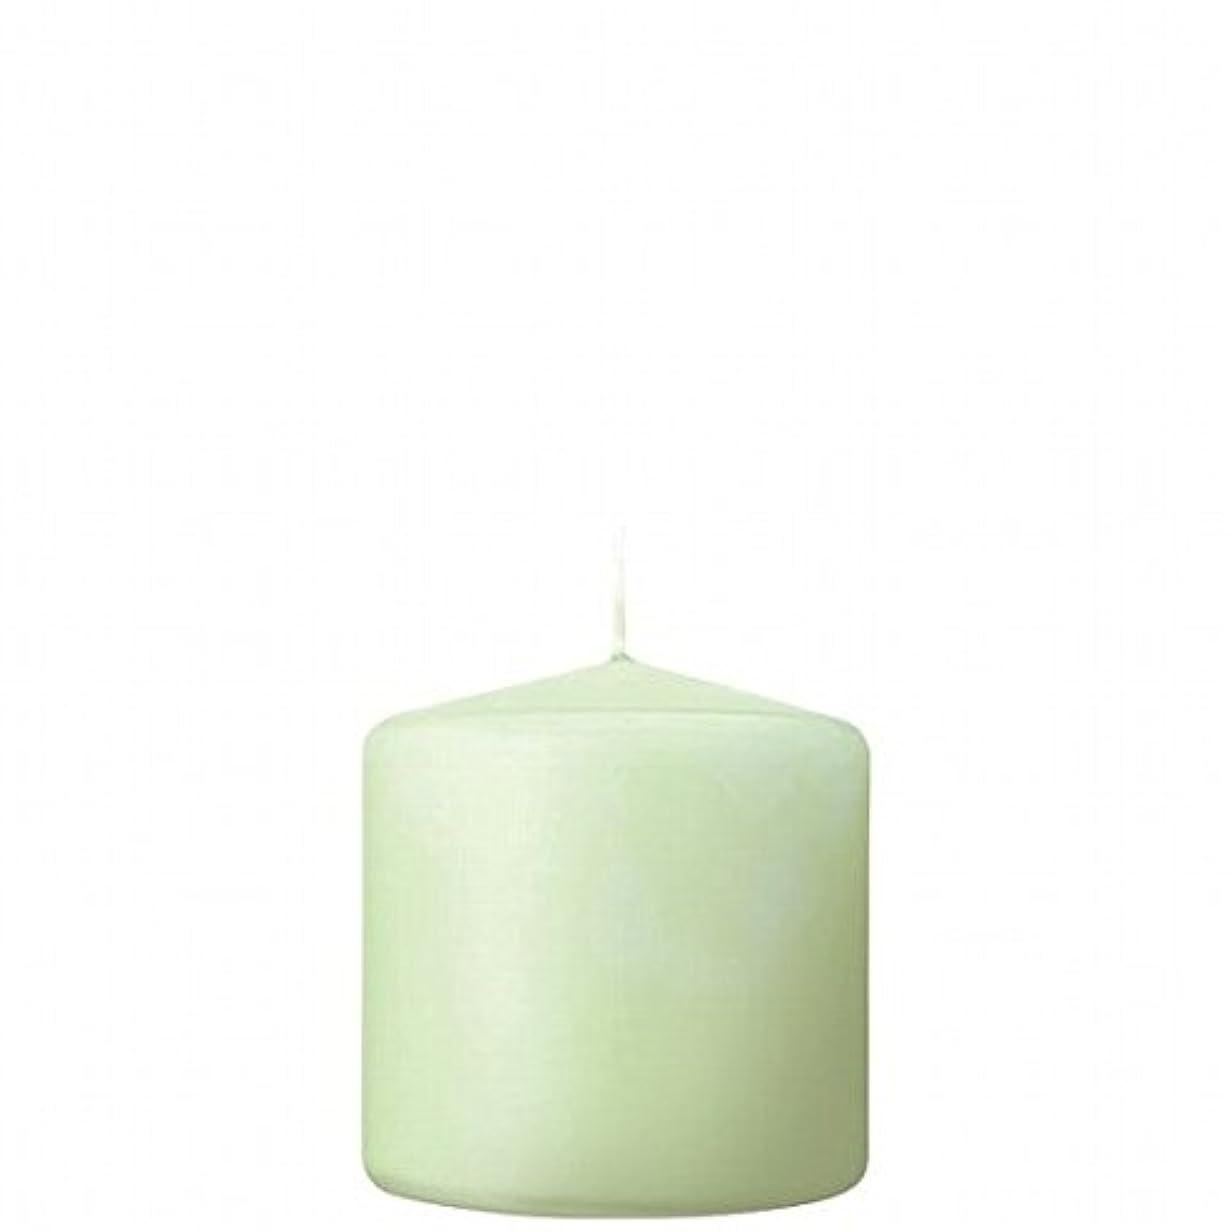 メキシコムスタチオ光kameyama candle(カメヤマキャンドル) 3×3ベルトップピラーキャンドル 「 ホワイトグリーン 」(A9730000WG)